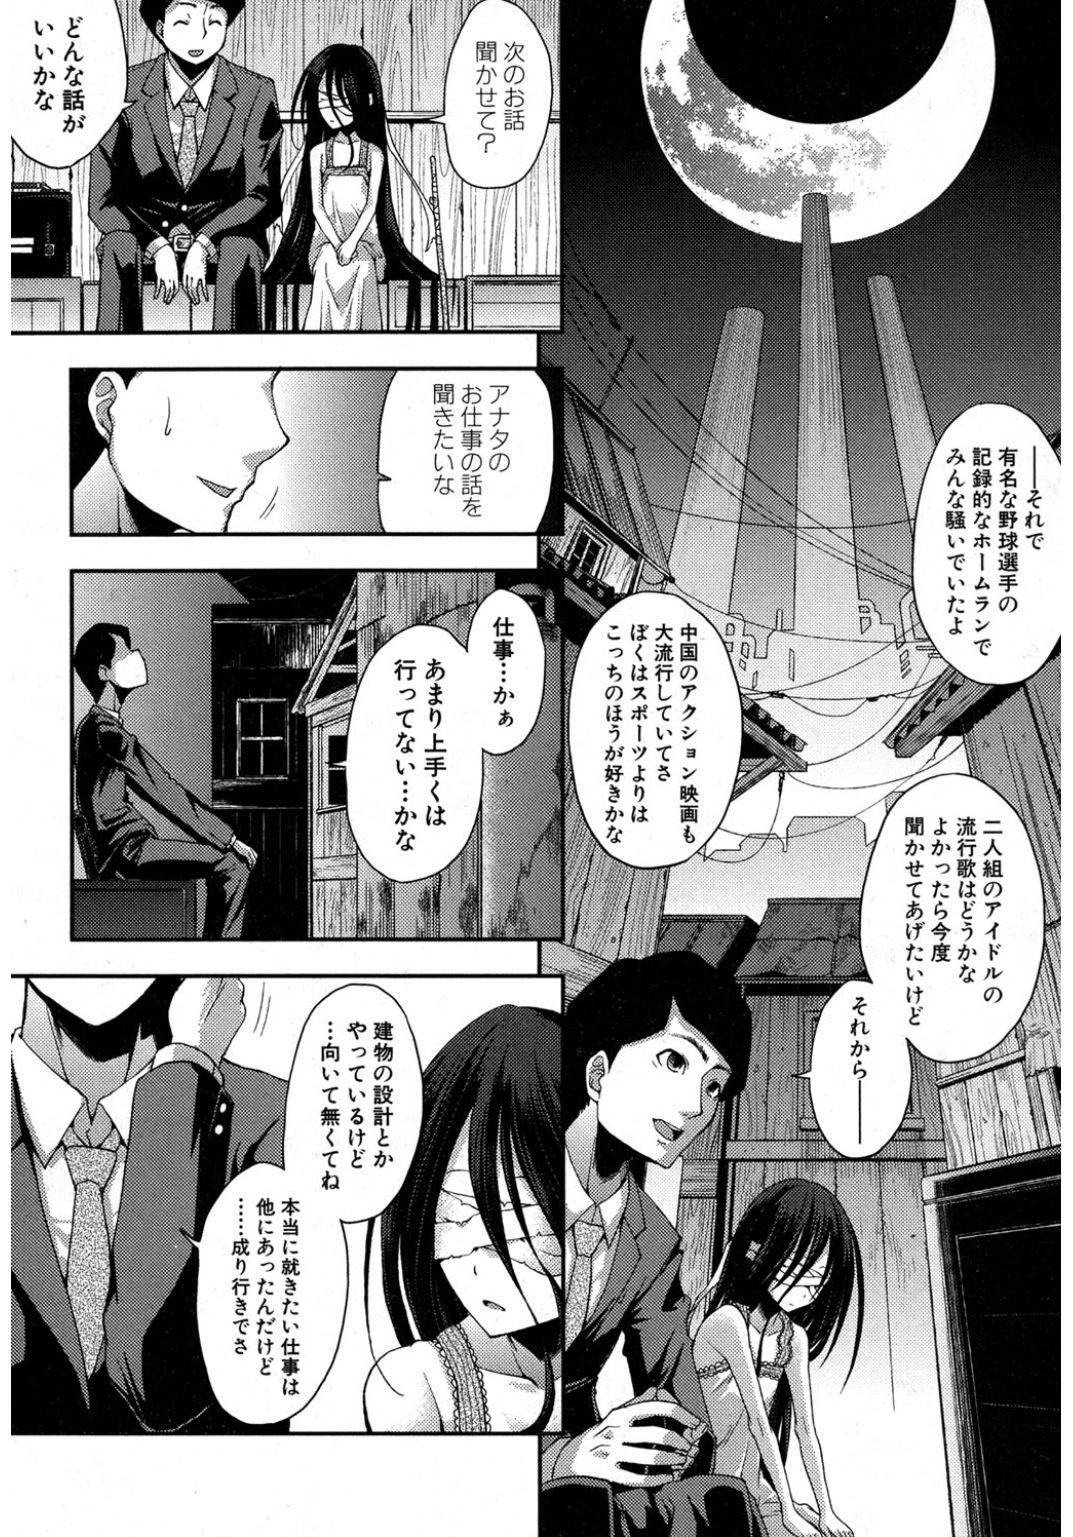 【エロ漫画・同人誌】目の不自由な少女と出会ってセックスを含めた触れ合いの中で仕事の目標を見つけて、無事に仕事が進んだことを報告しに行ったものの・・・ 006